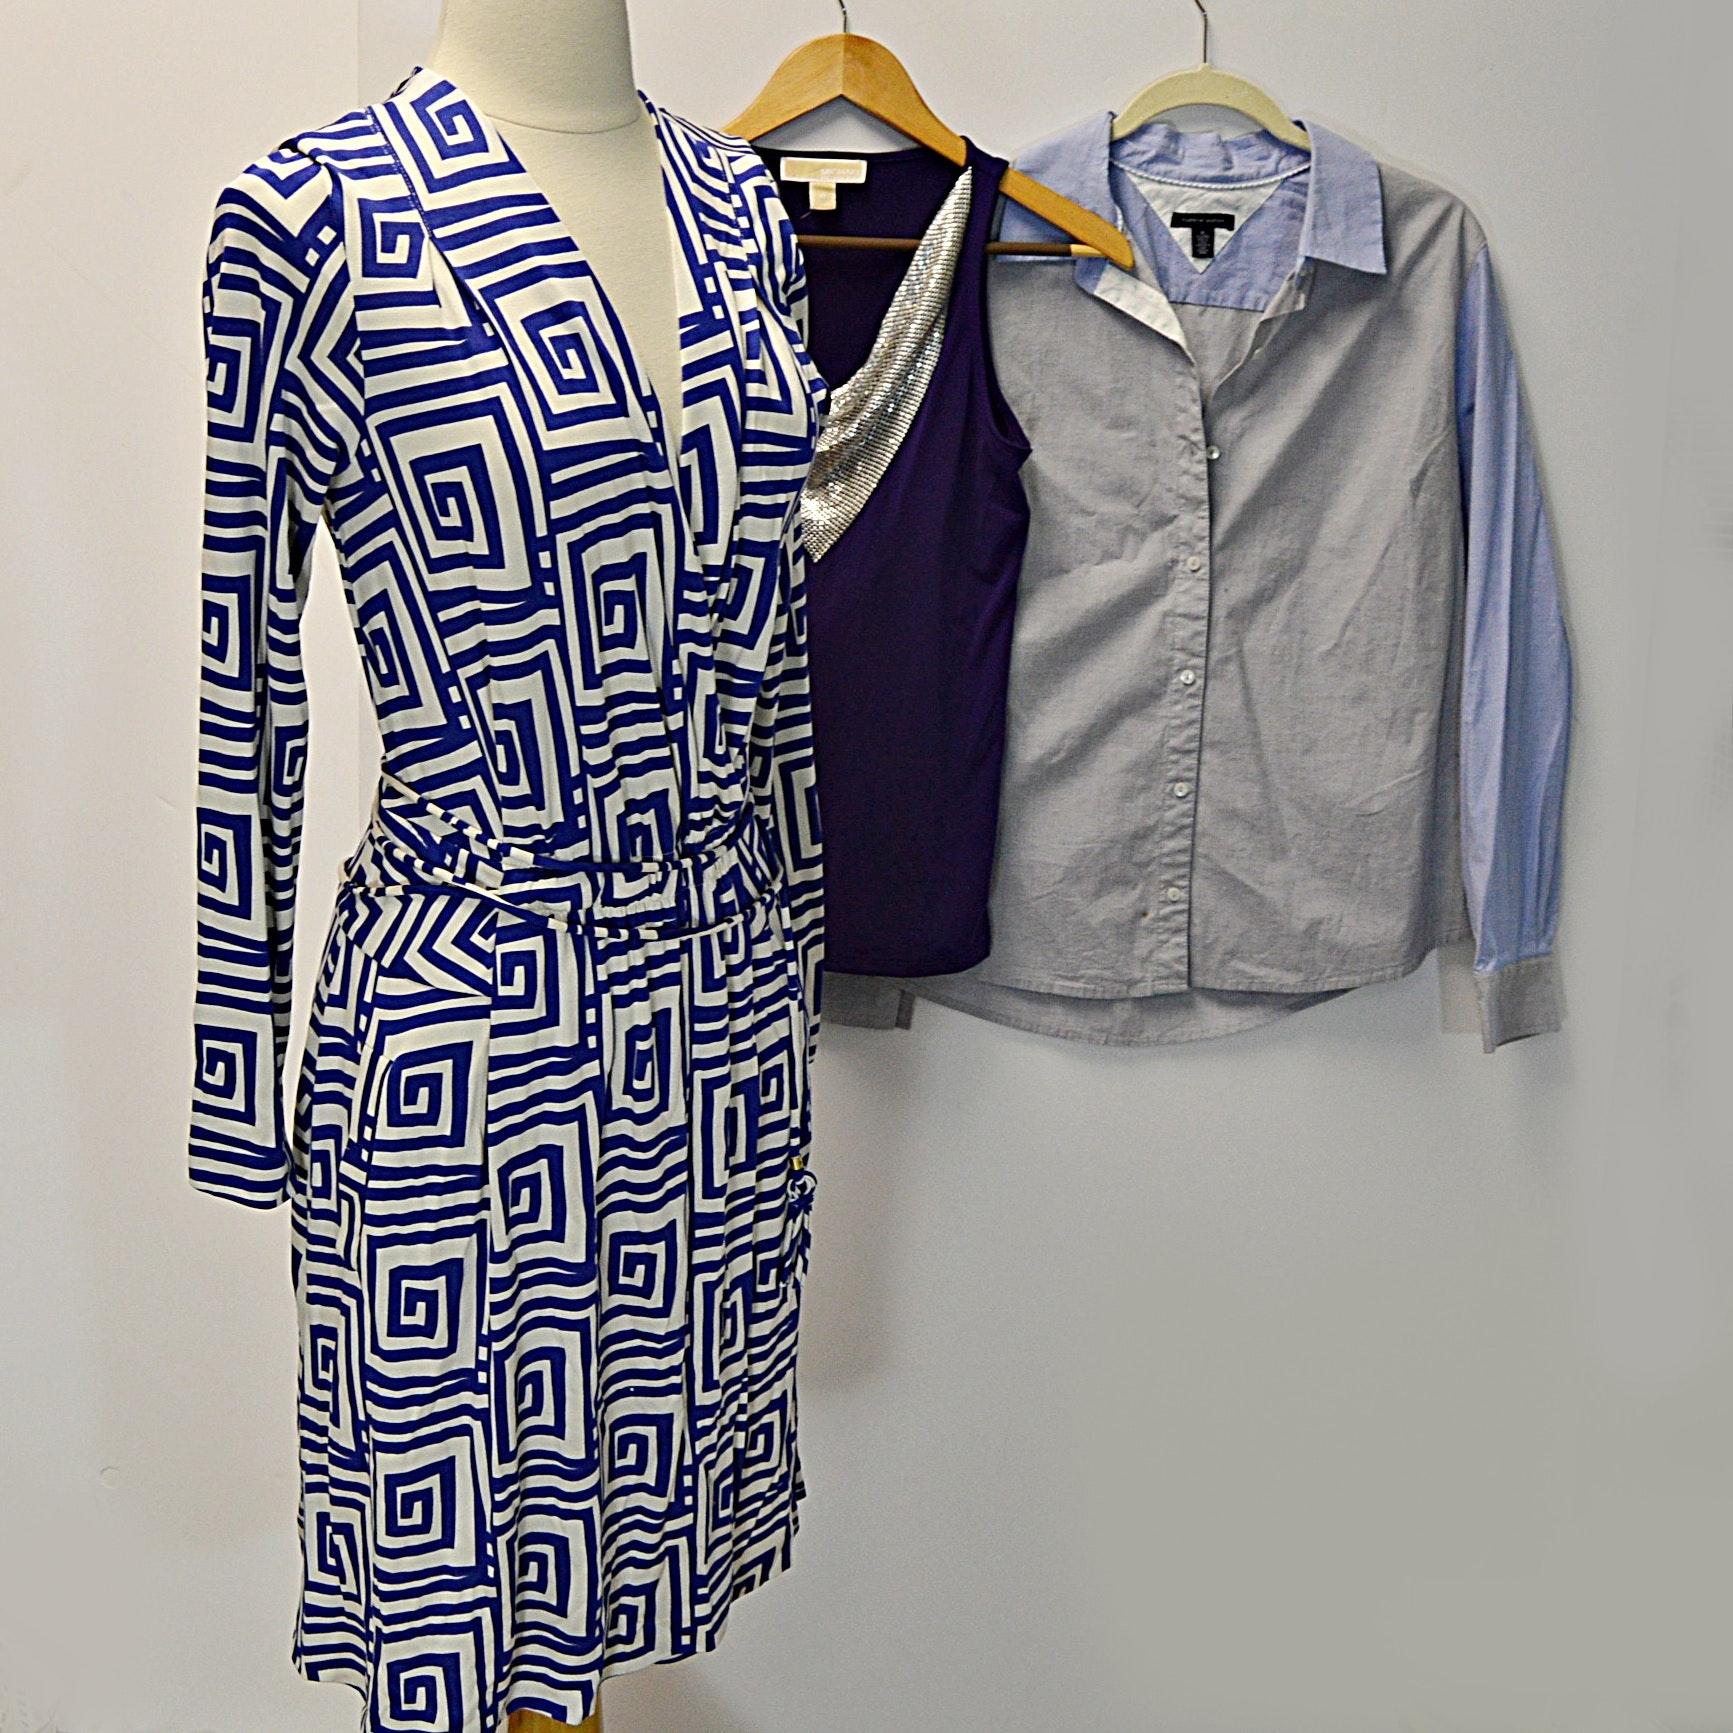 Women's Clothing Including Diane von Furstenberg